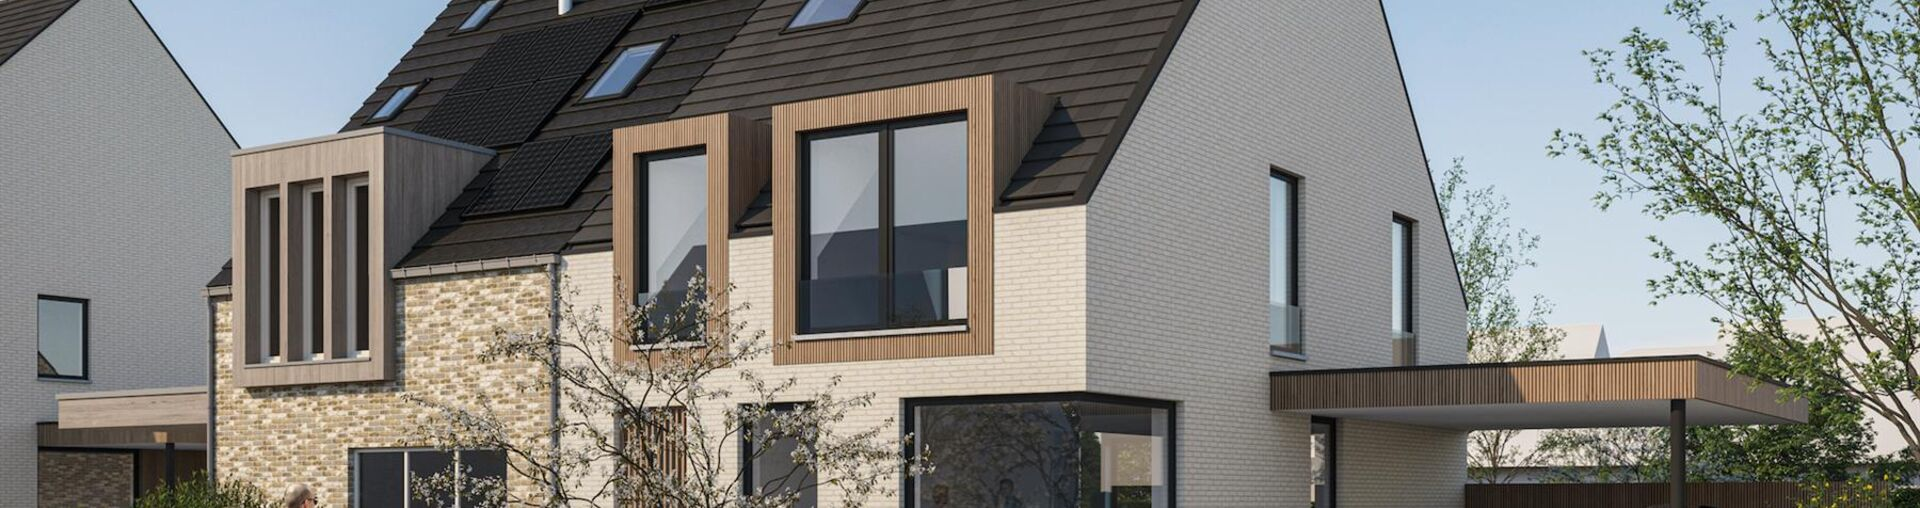 Project Uitkerke met 4 driegevel-villa's